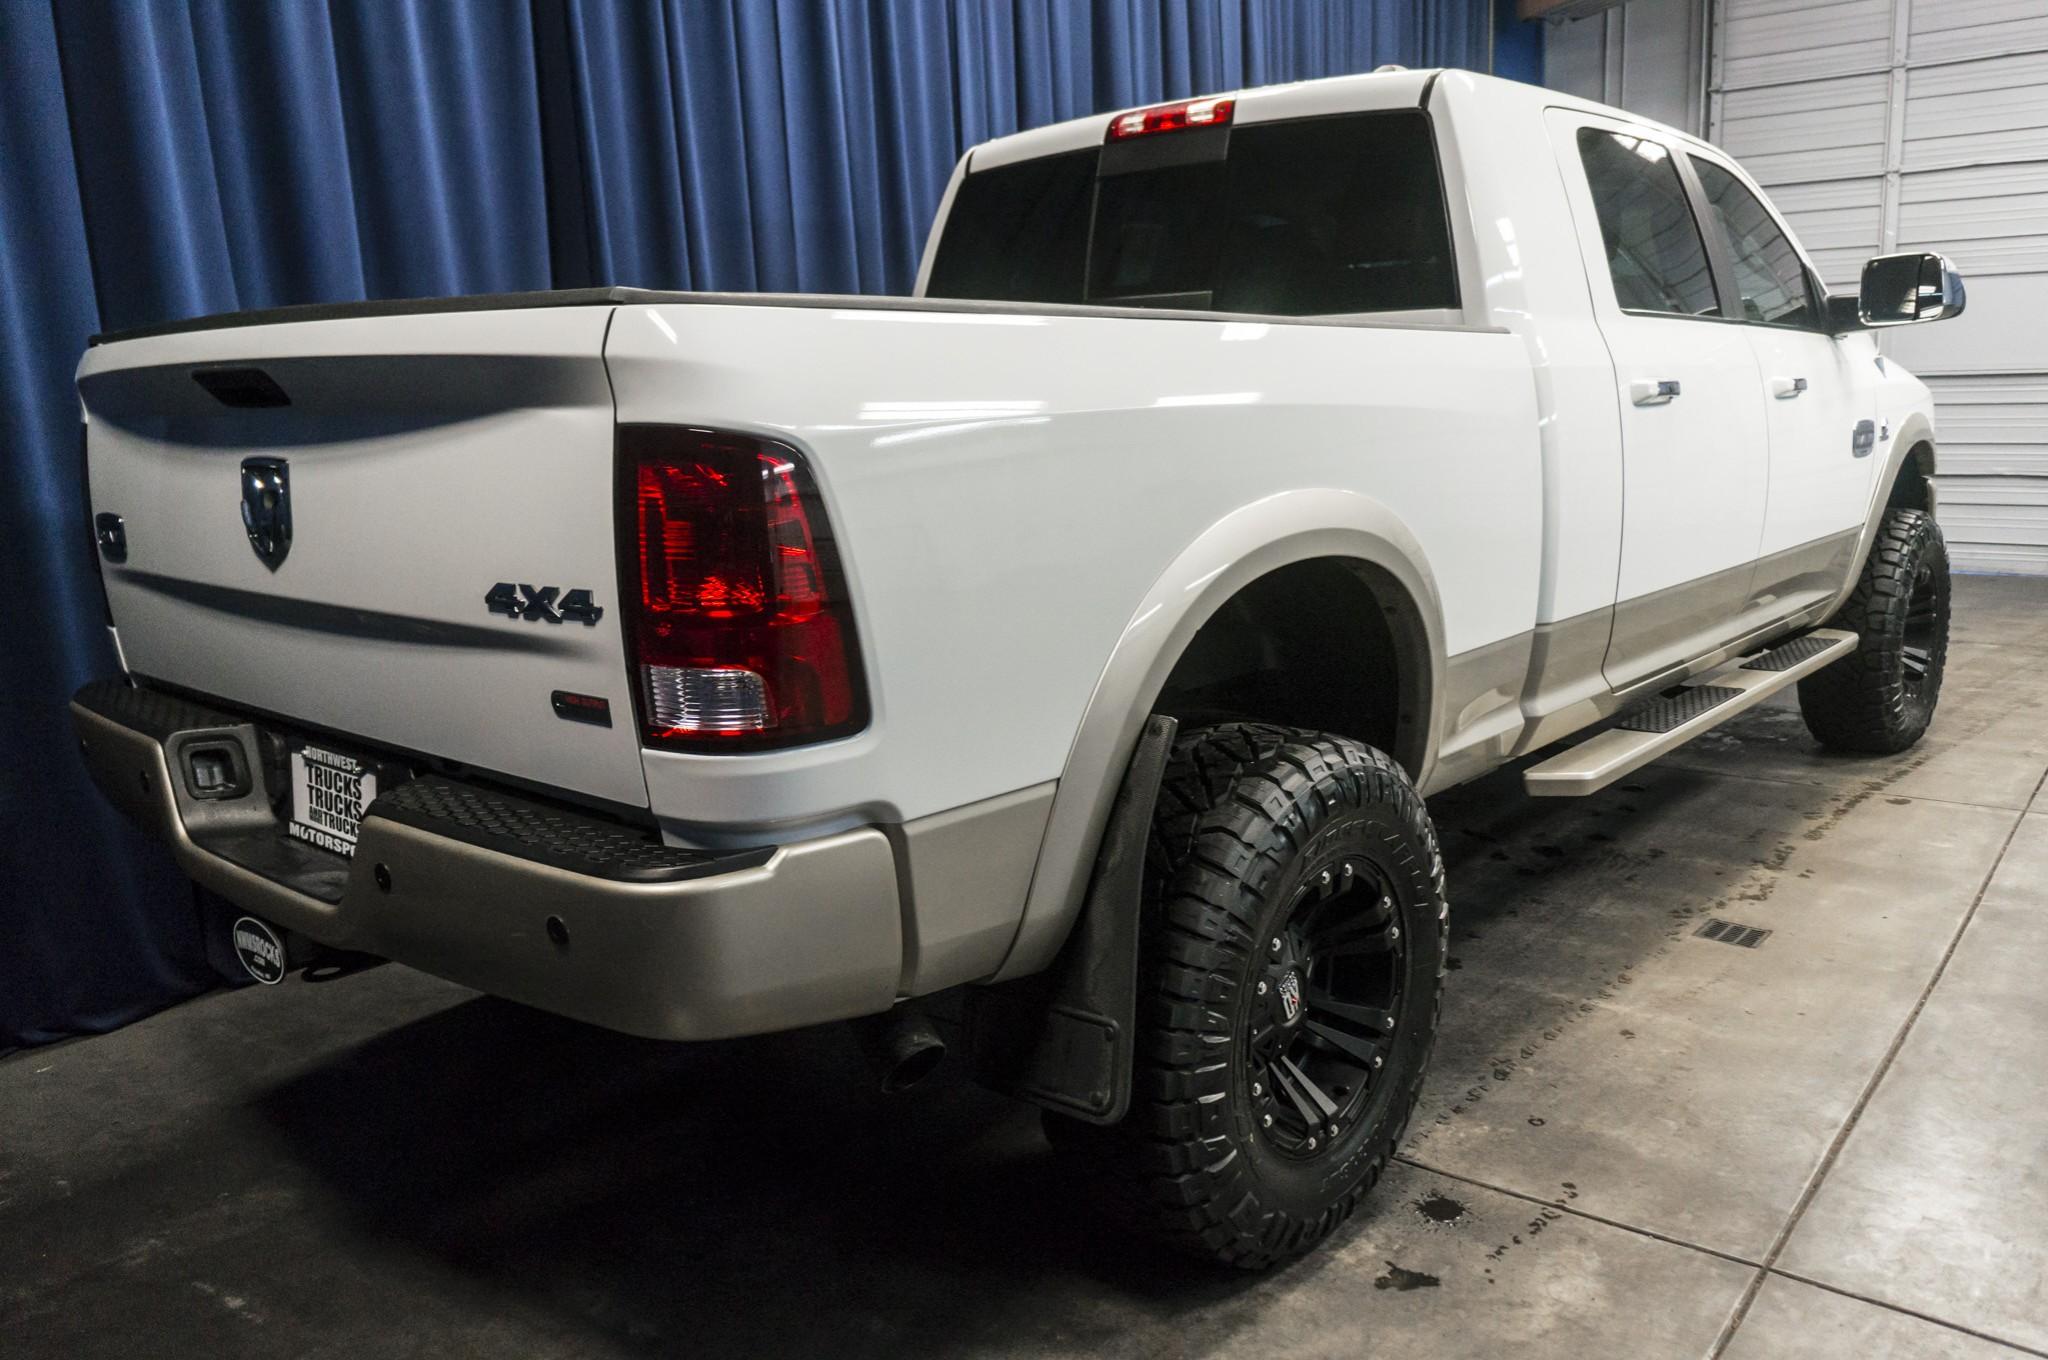 used lifted 2011 dodge ram 3500 longhorn 4x4 diesel truck for sale 36012. Black Bedroom Furniture Sets. Home Design Ideas